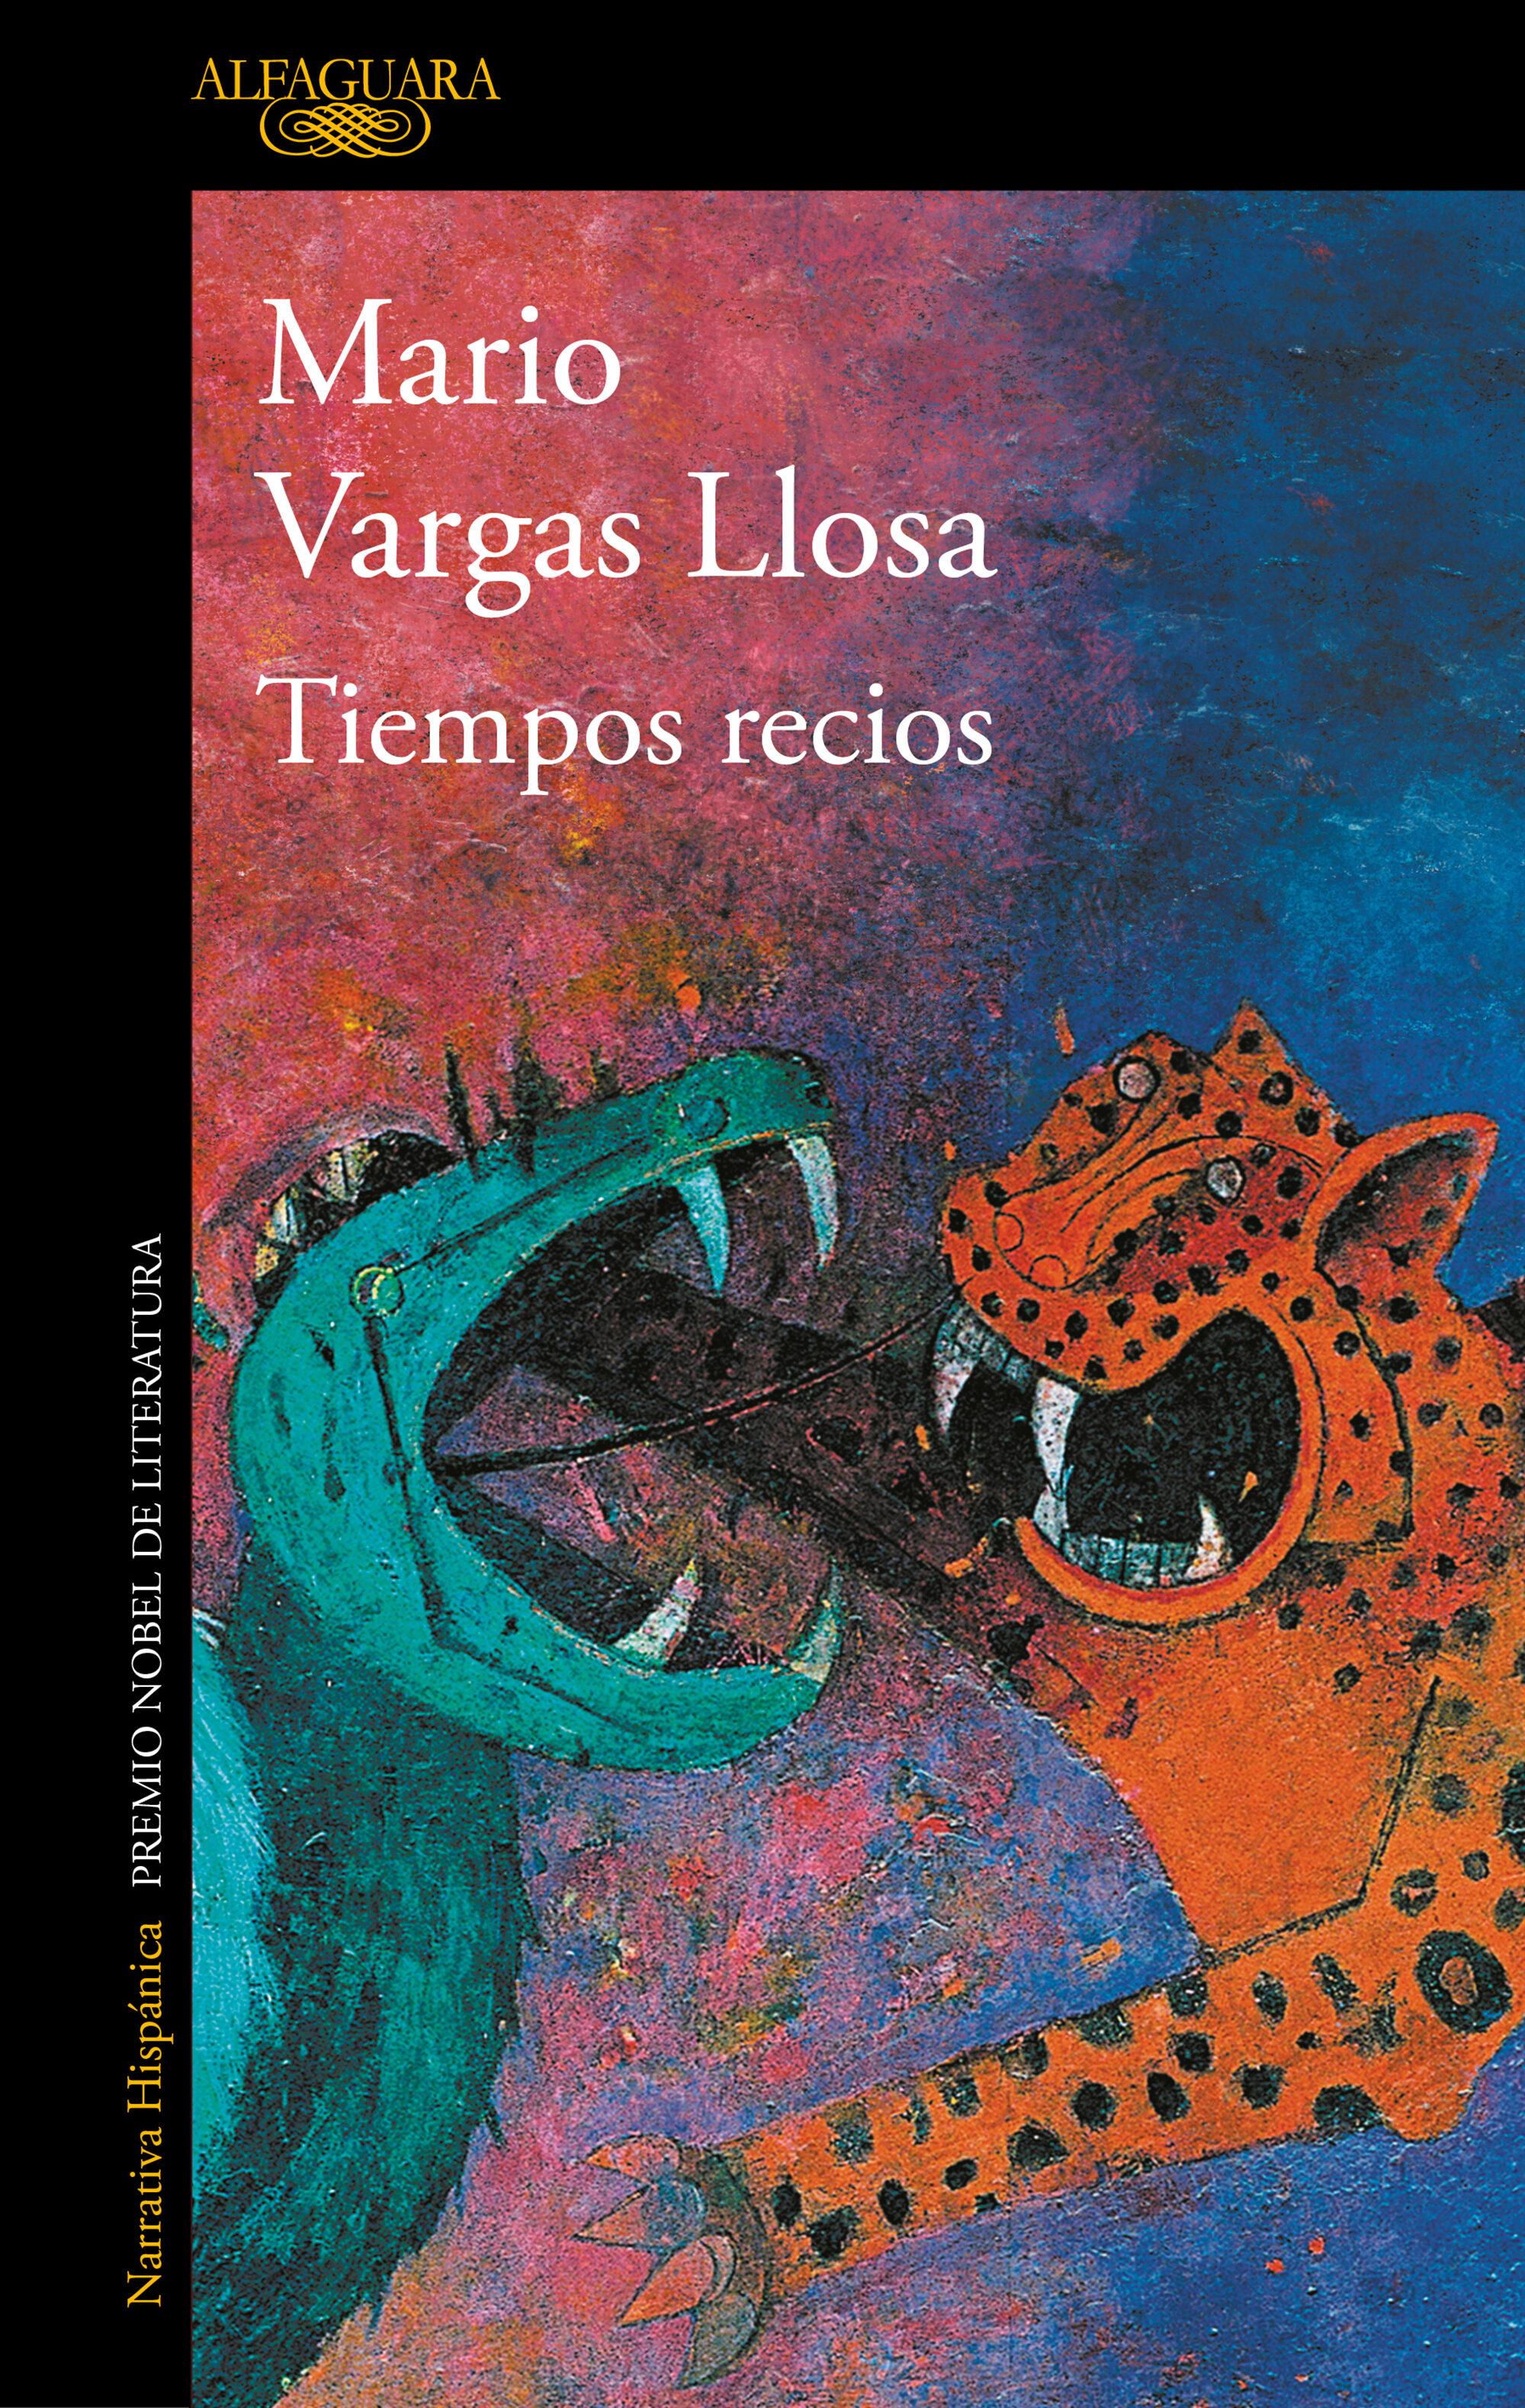 Tiempo recios, de Mario Vargas Llosa